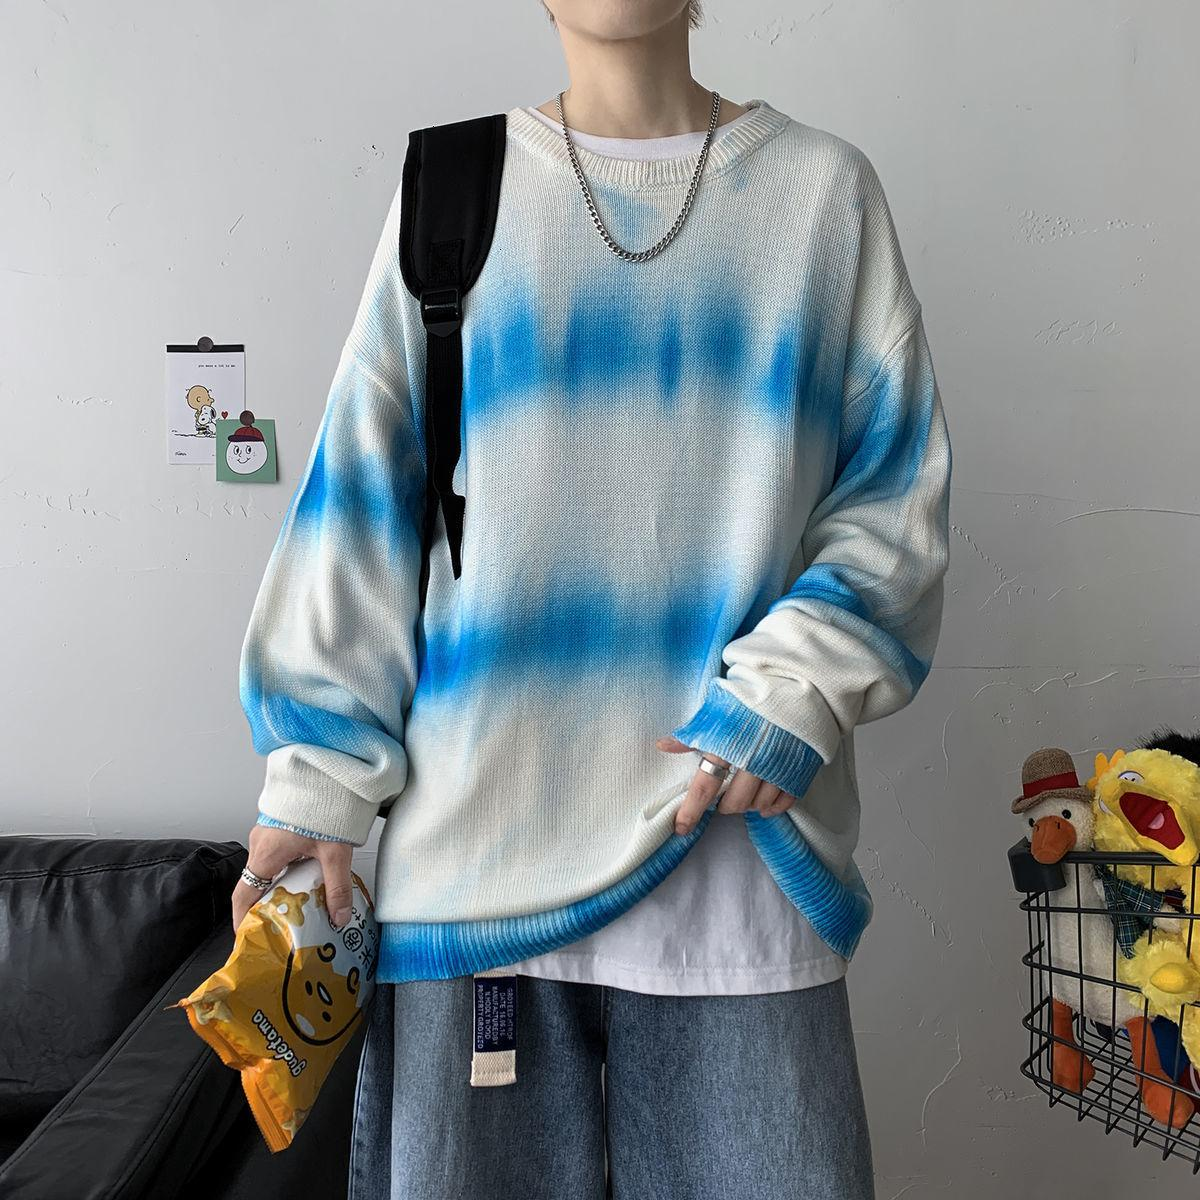 2021 Новый причина Privhinker мужская галстука краситель с длинным рукавом женщина полоса повседневная негабаритные пуловеры корейской улицы мужской свитер одежда Z57Y